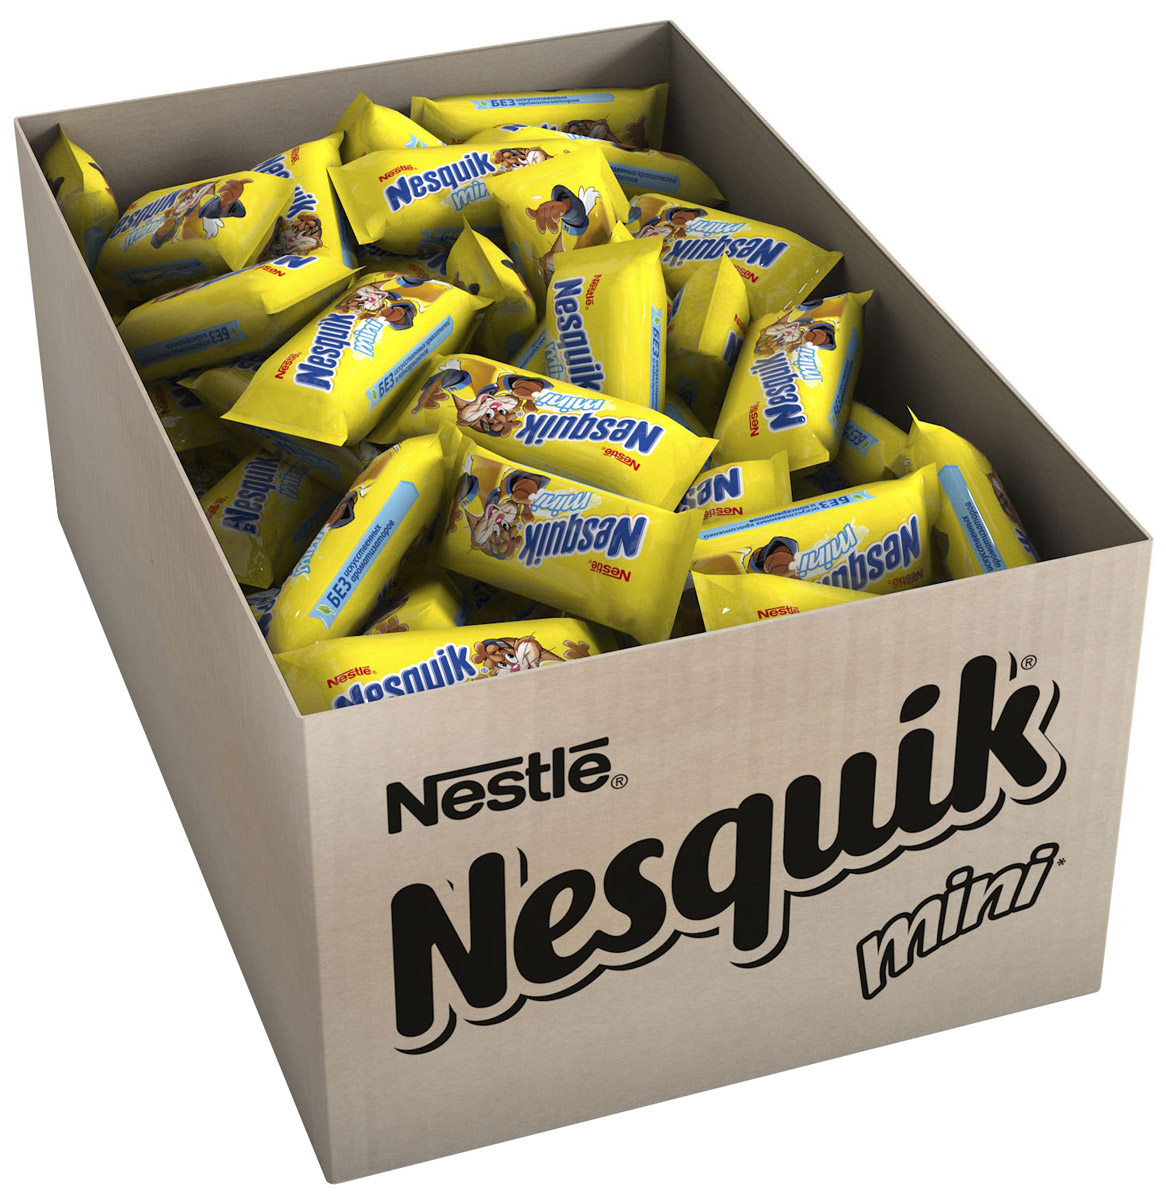 Nesquik Mini молочная начинка, 2 кг12166448Конфета с нугой, молочной начинкой. Отличное лакомство для вашего непоседы, чтобы:- наслаждаться каждый день- поделиться с друзьями- взять с собой.